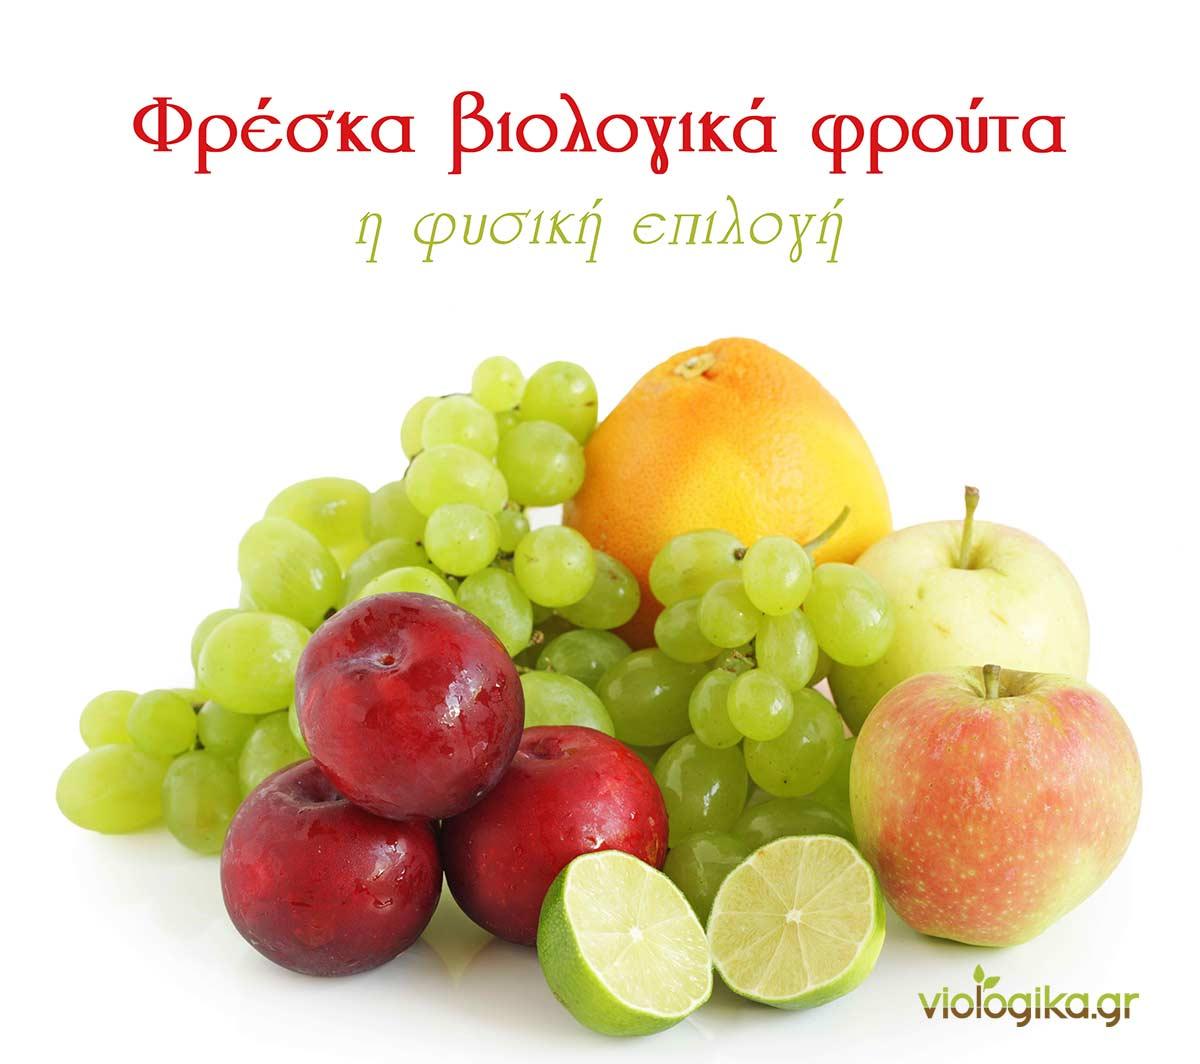 Κατανάλωση φρέσκων βιολογικών φρούτων και λαχανικών για καλύτερη υγεία